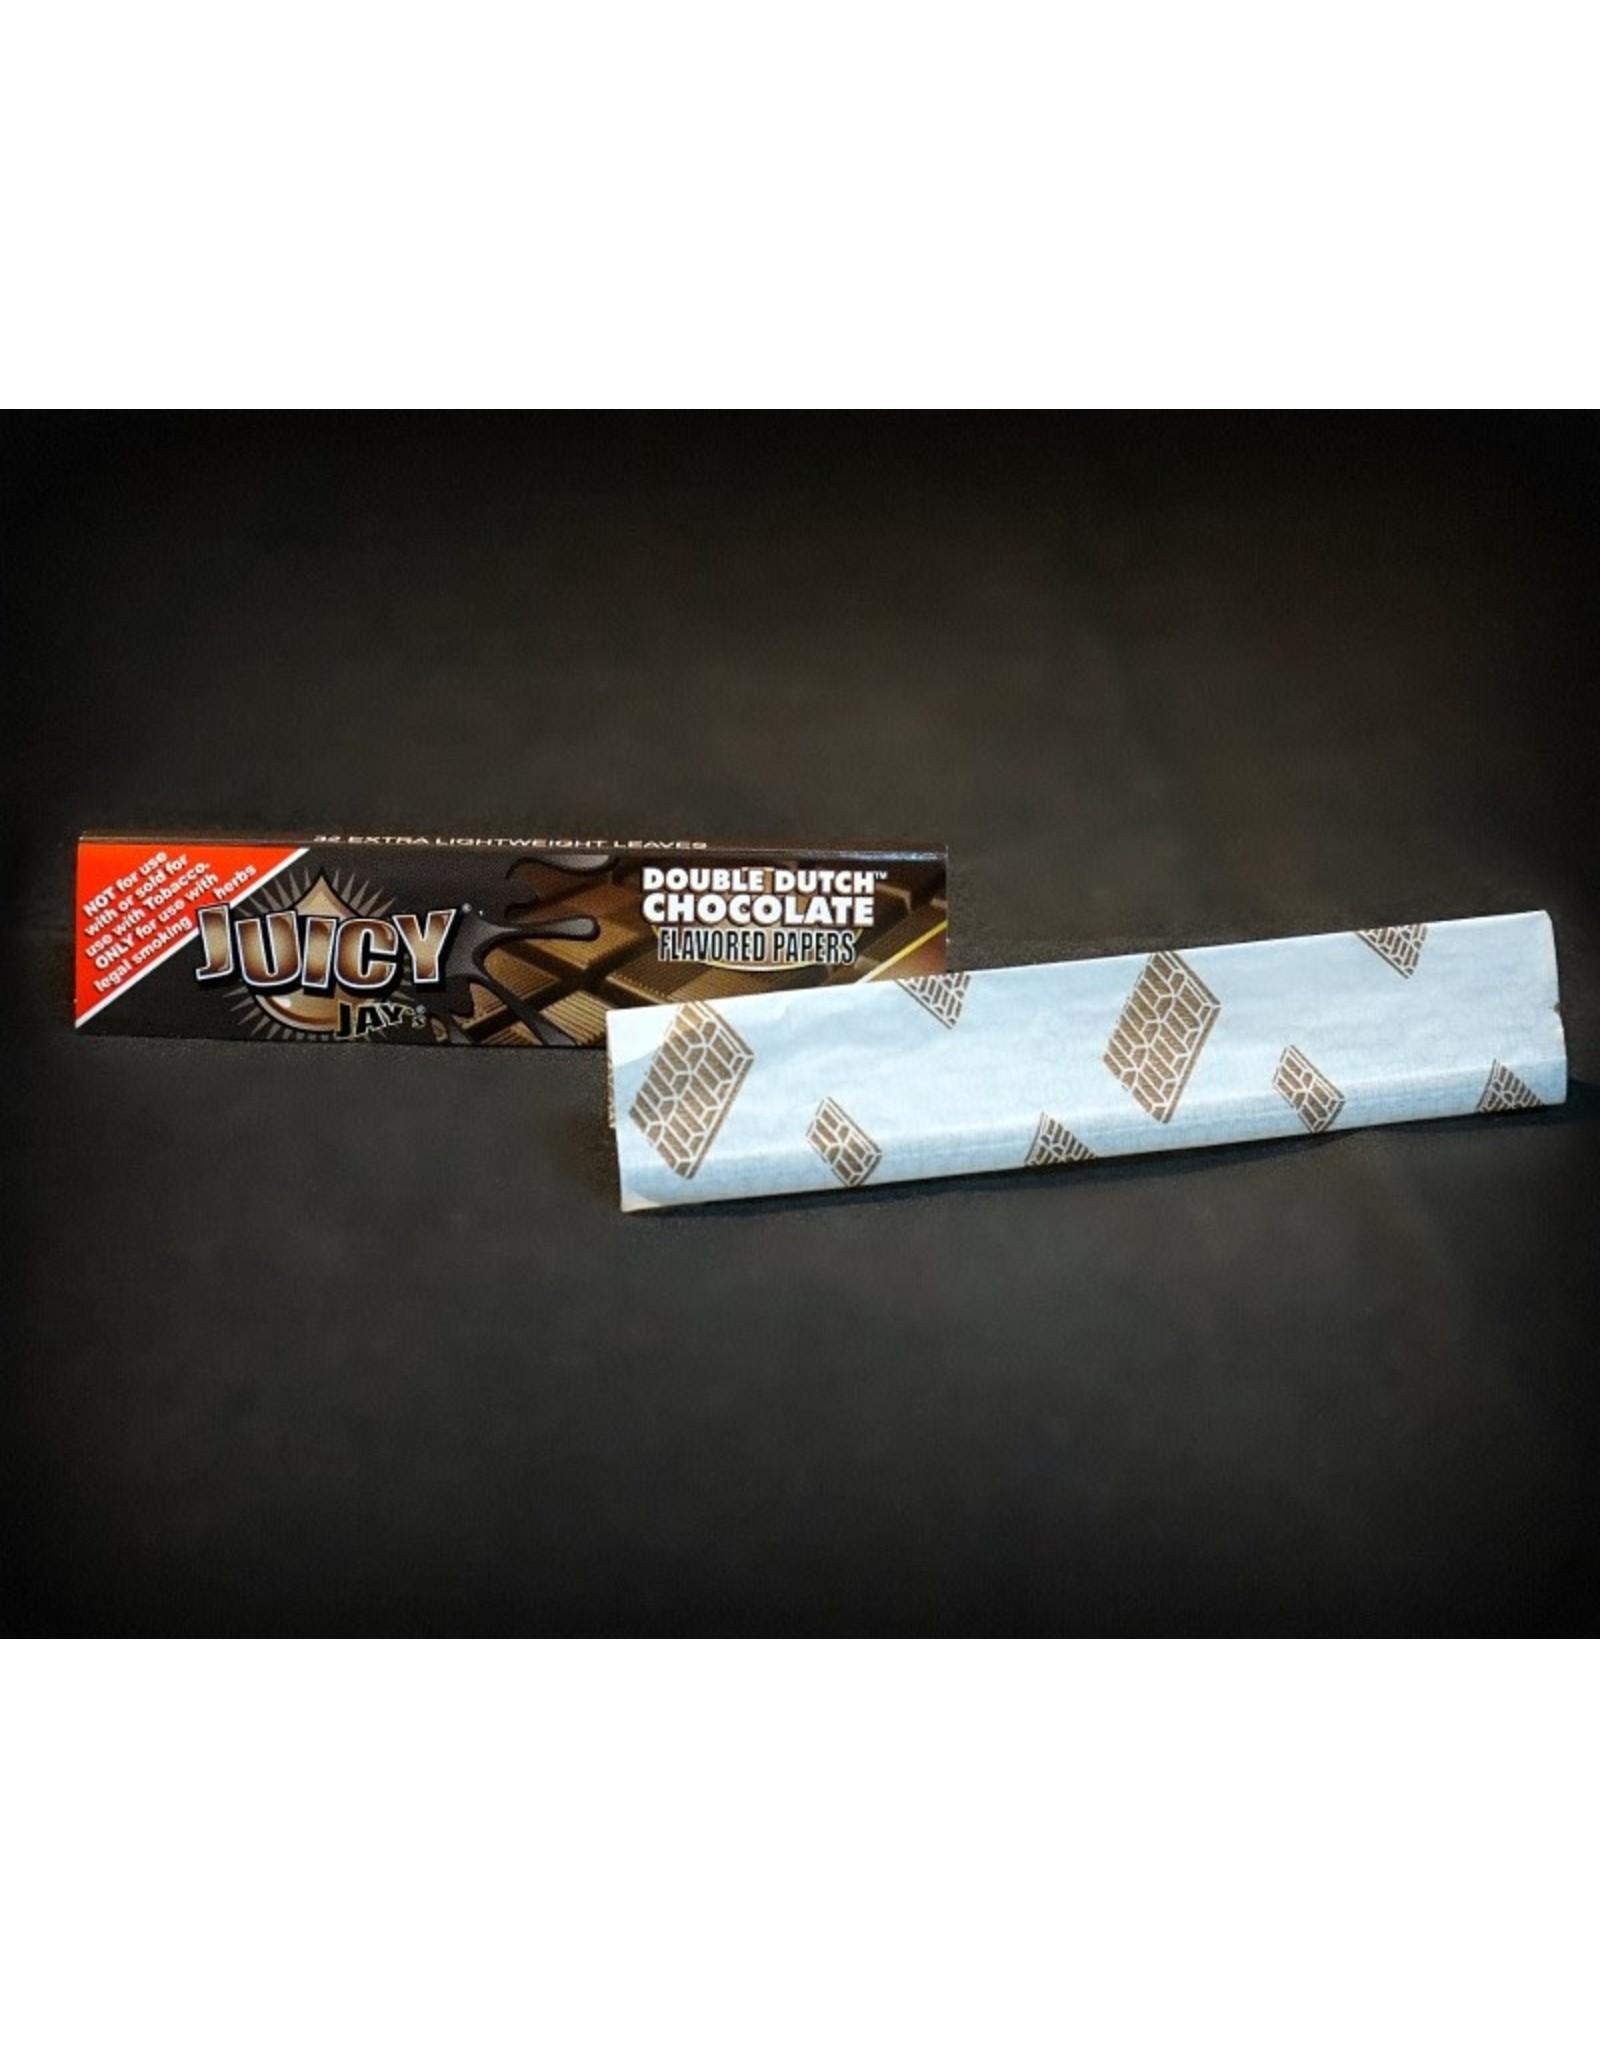 Juicy Jay's Juicy Jay's Double Dutch Chocolate KS